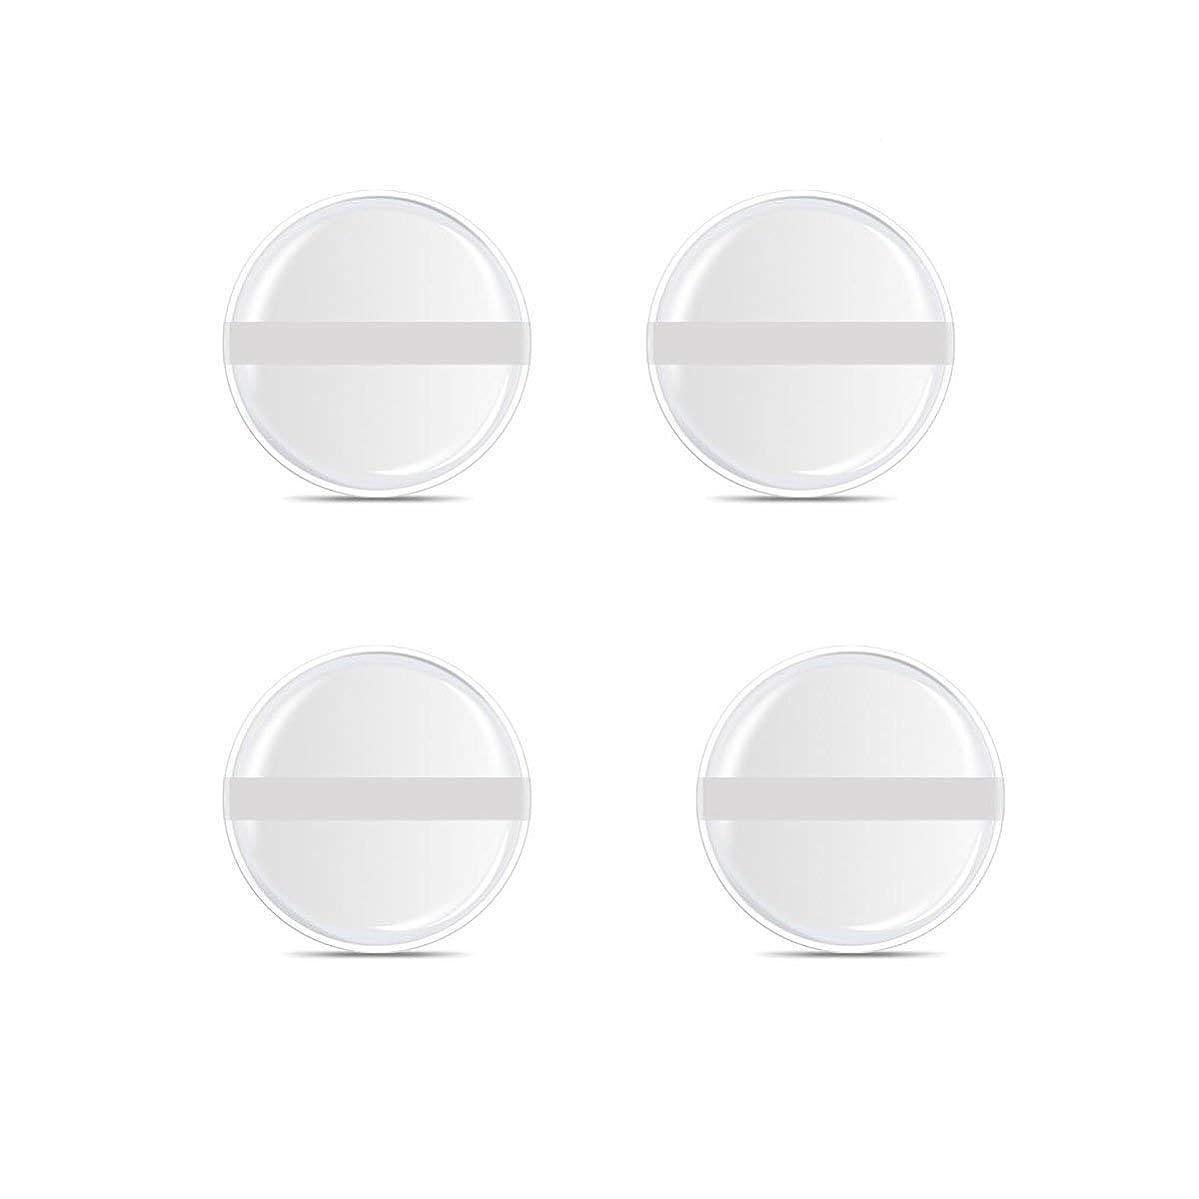 シート一致降雨シリコンパフ 帯付き メイクスポンジ (円形 4入り)